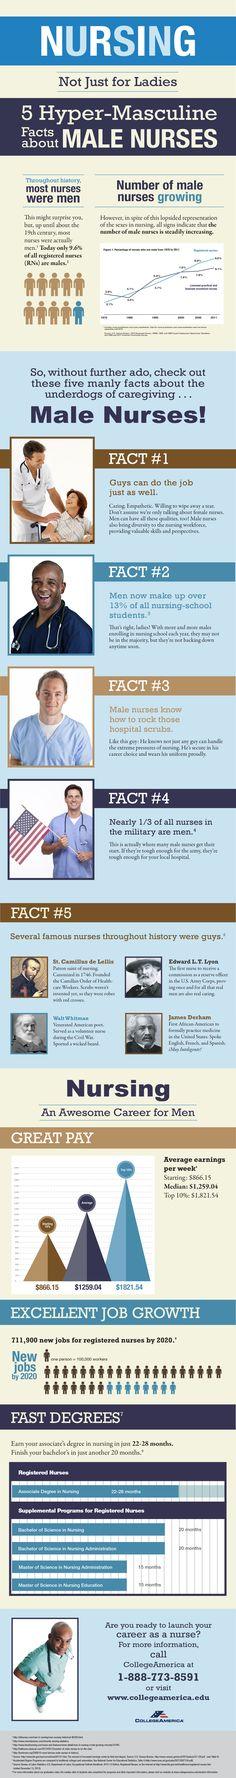 Men in #Nursing: 5 Facts about Male Nurses - Infographic #Nurses